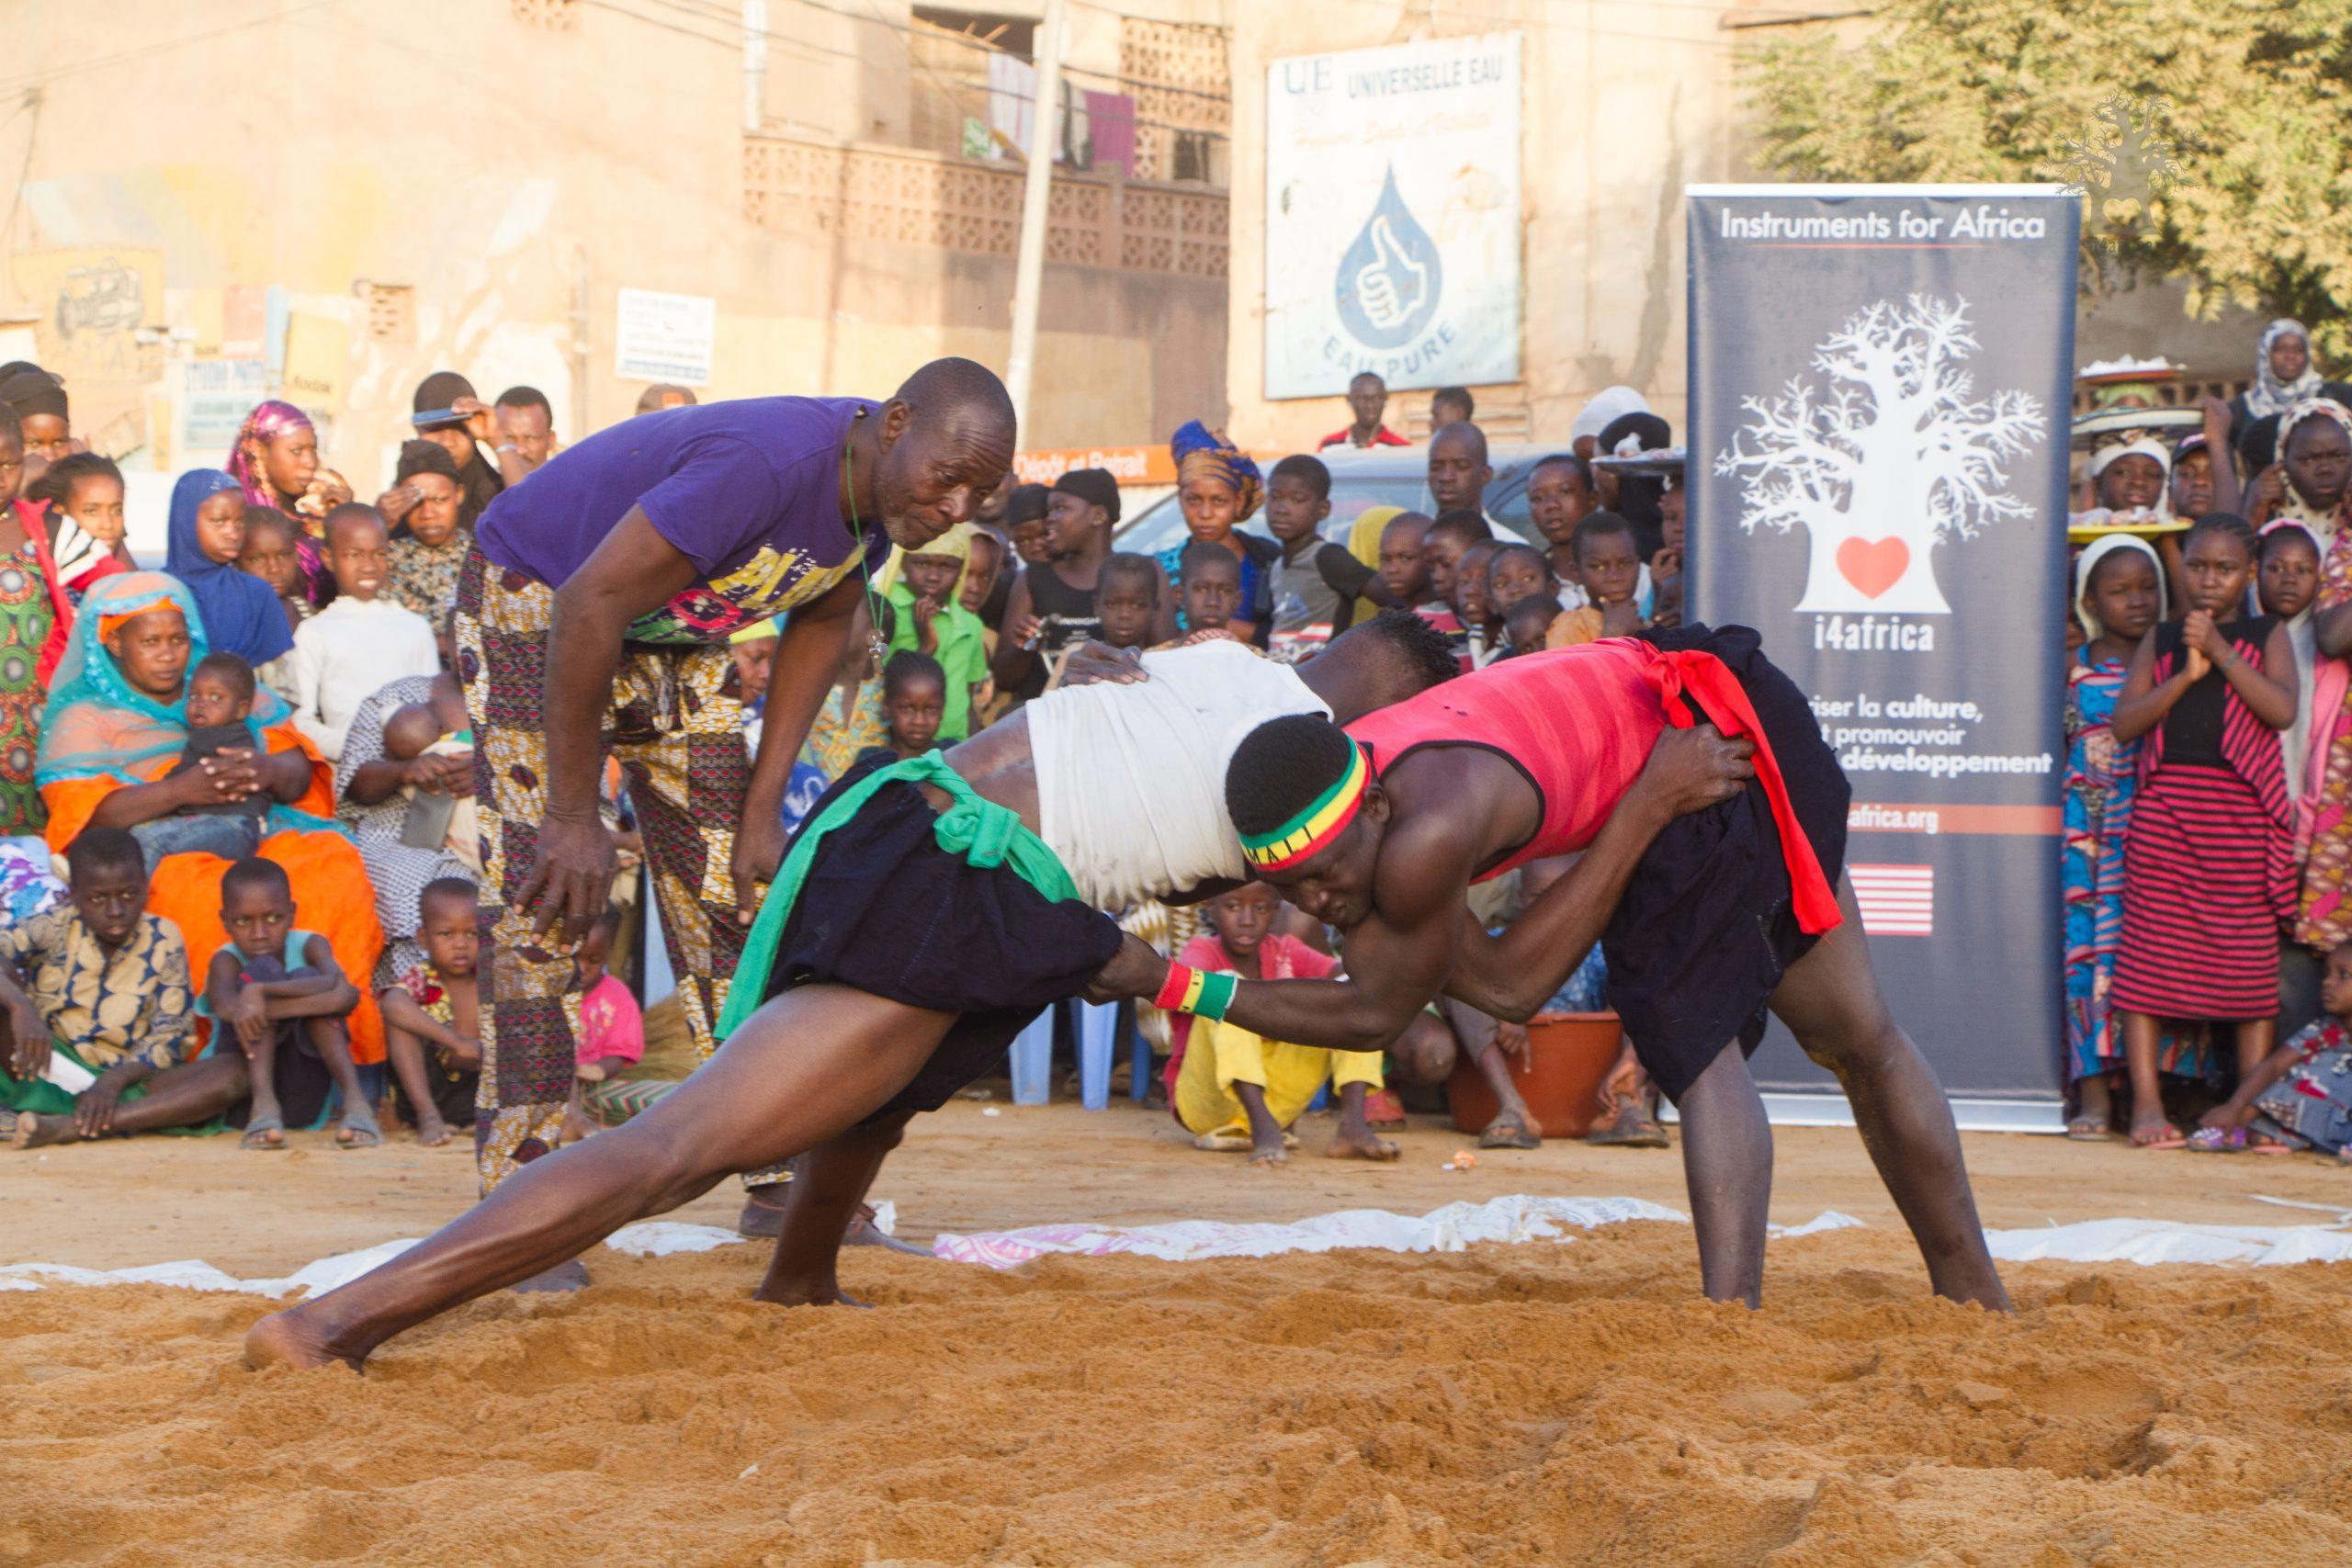 Des lutteurs traditionnels en position de combat